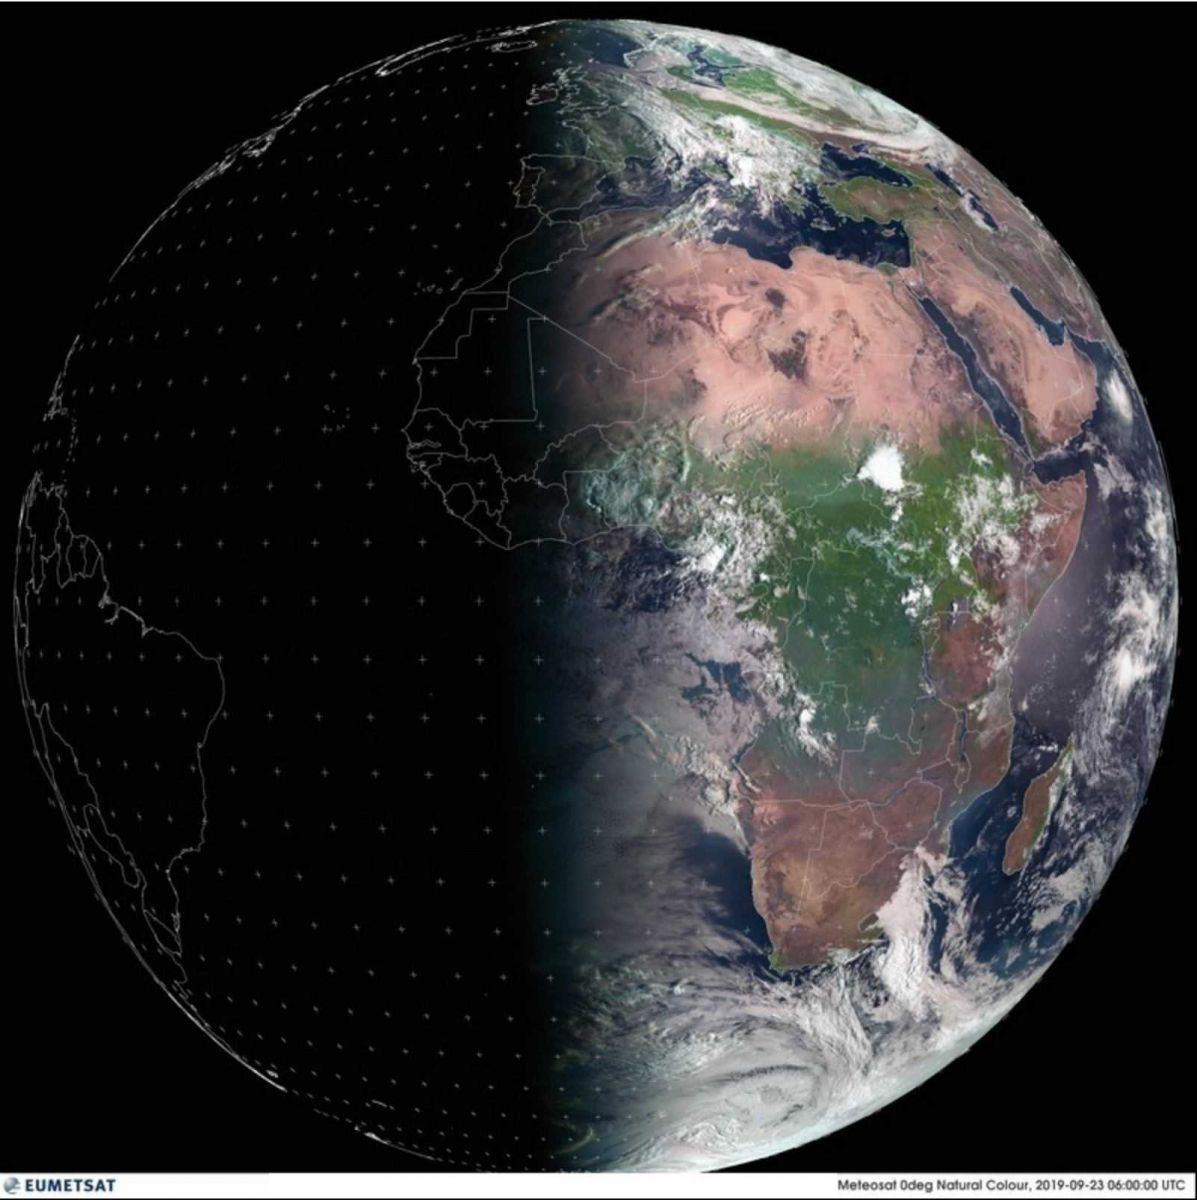 Image d'illustration pour Equinoxe d'automne - informations insolites et culture générale